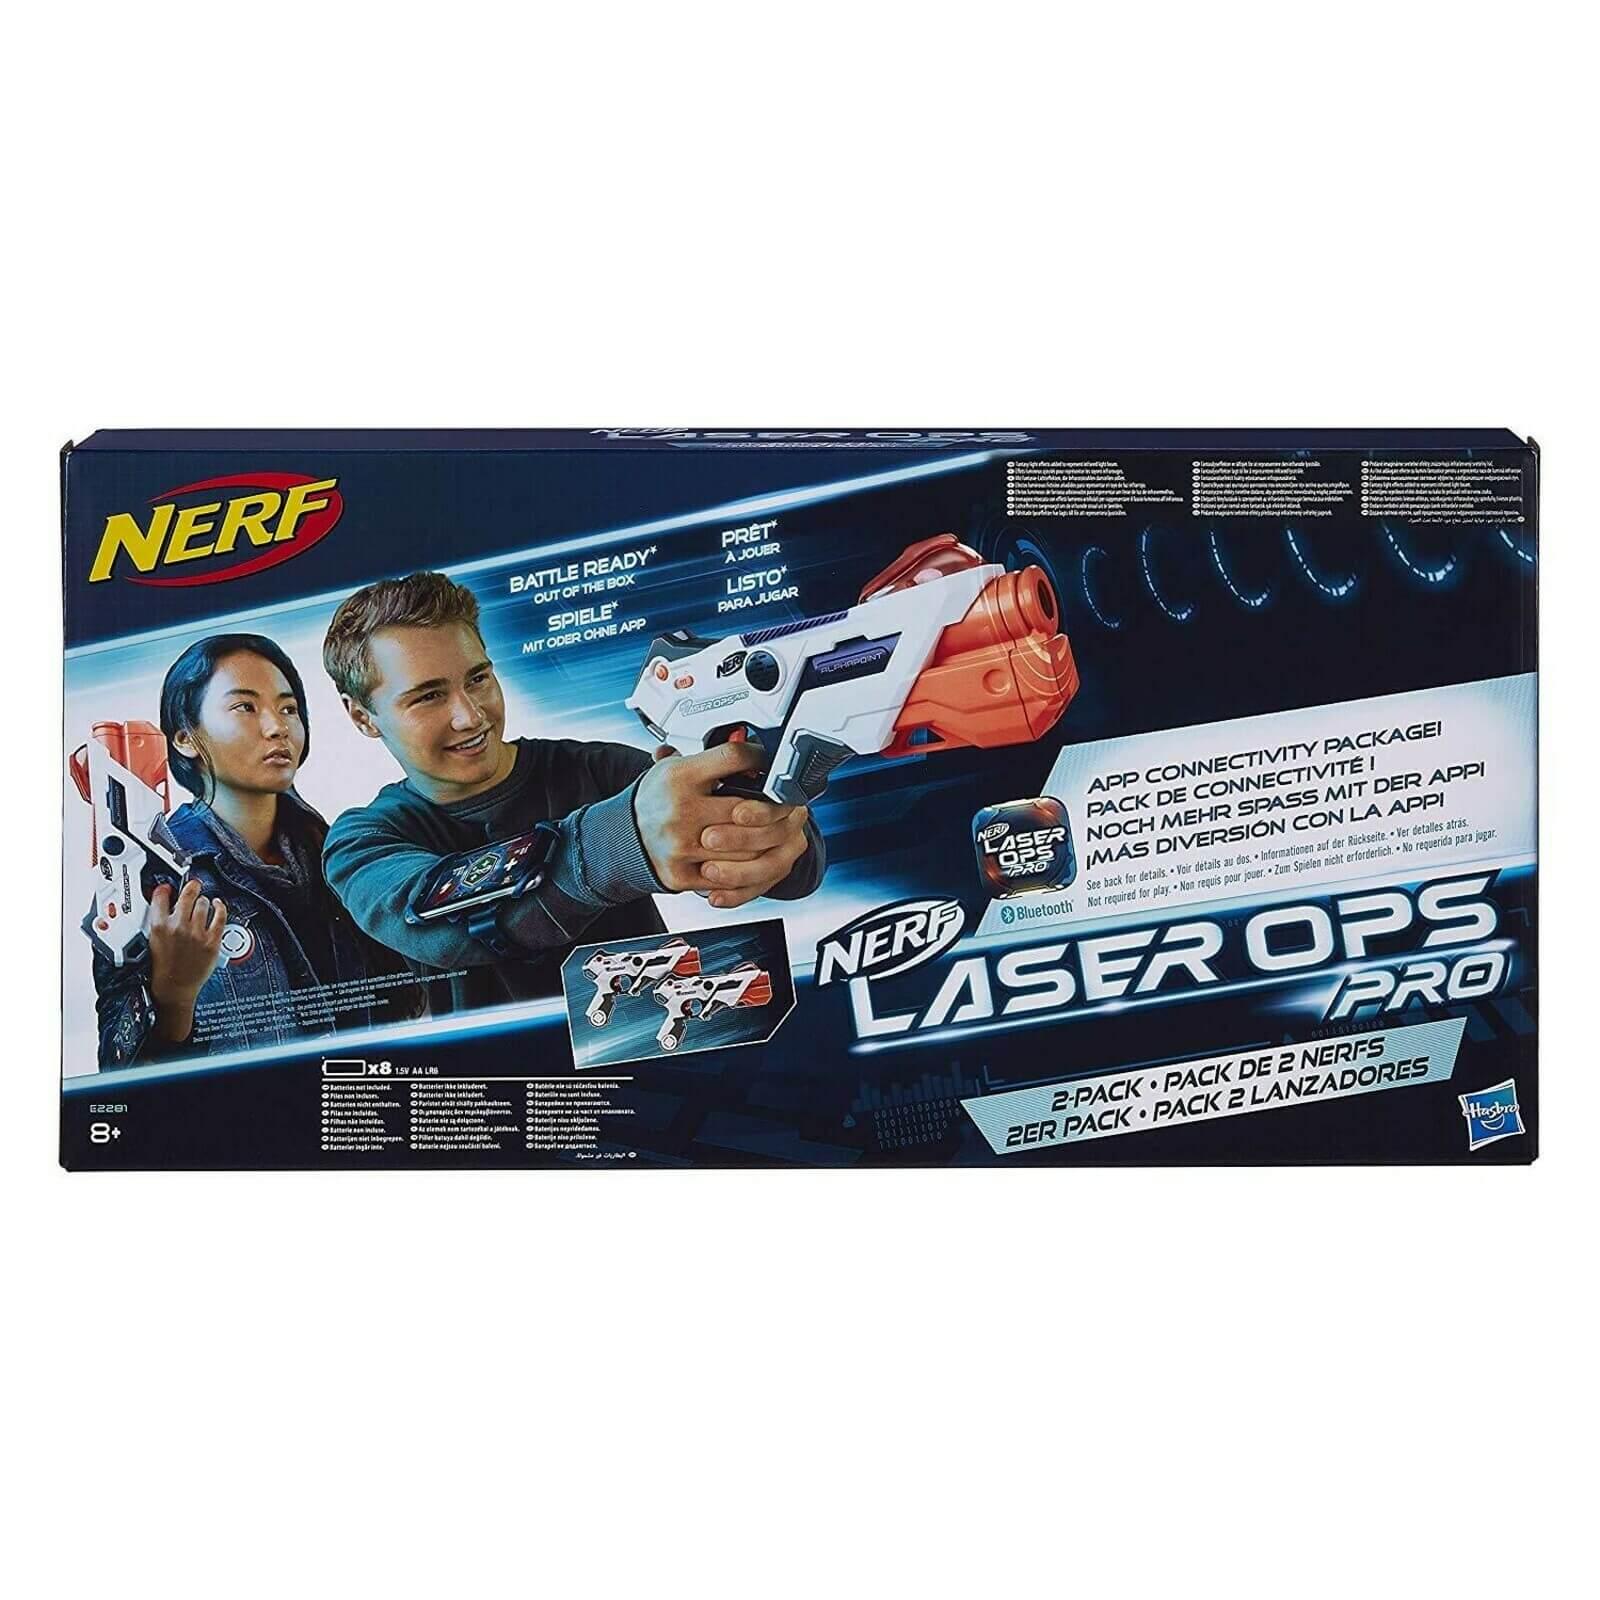 Pack de deux pistolets Nerf Laser OPS Pro AlphaPoint